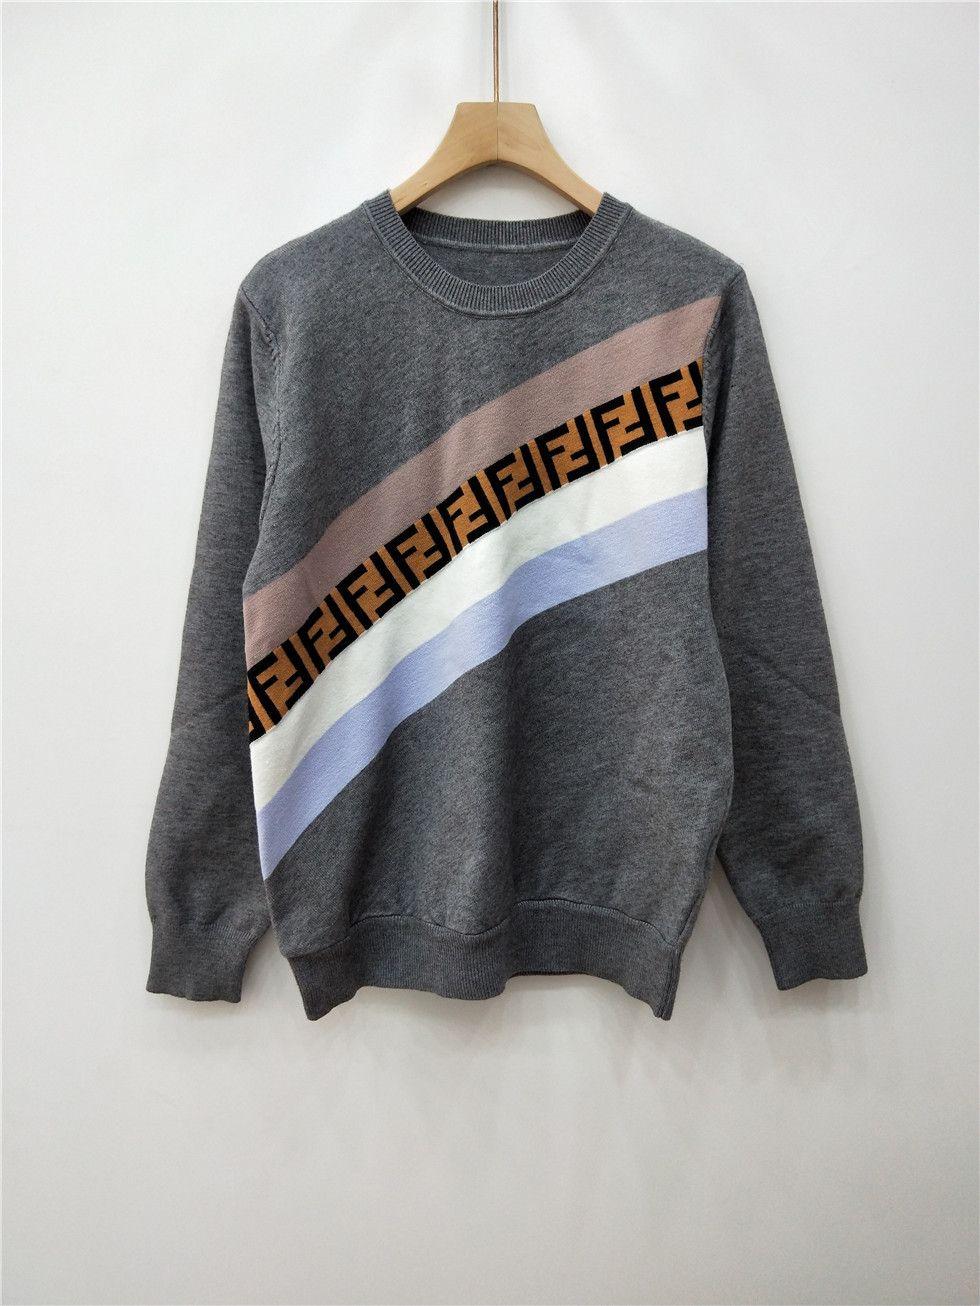 aa278bee9ec Compre Prendas De Punto Suéter Mujer F Rayas Intermitentes Carta De Color  Camisetas Manga De La Cabeza Chaqueta De Punto Blusas De Fondo Blusas De  Verano ...